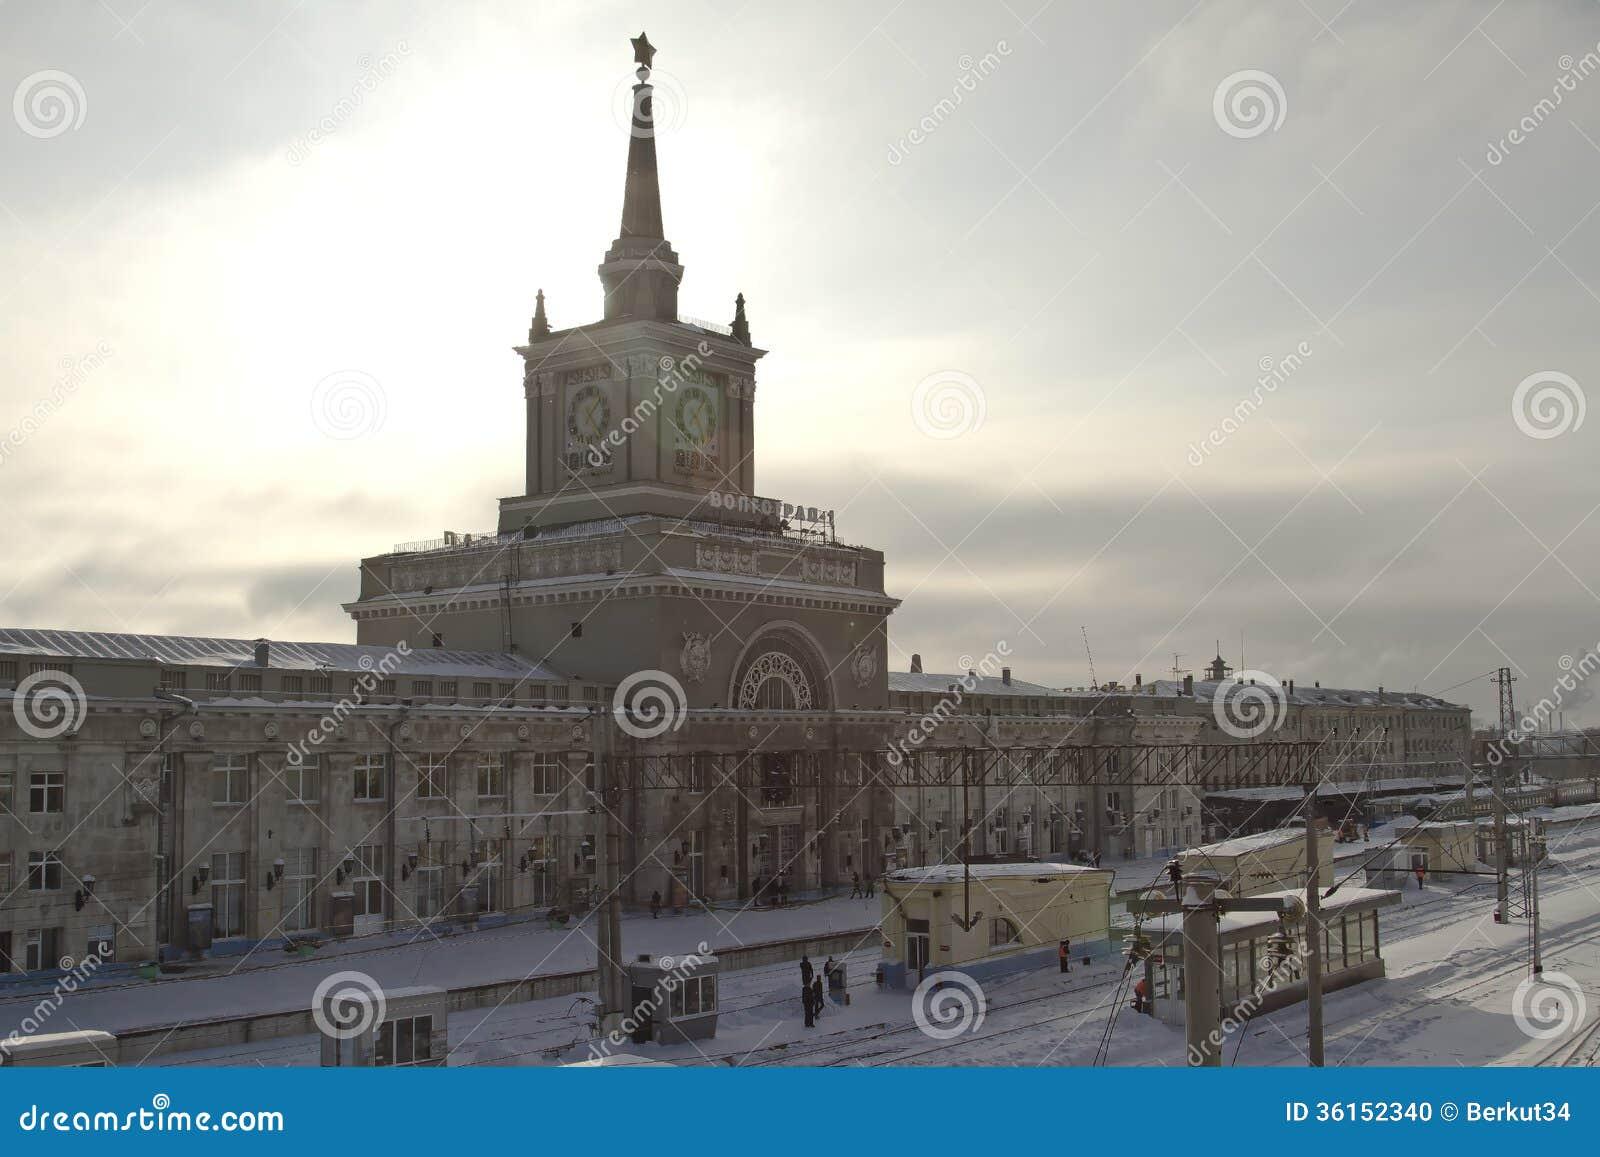 中央火车站伏尔加格勒的大厦1在冬天。